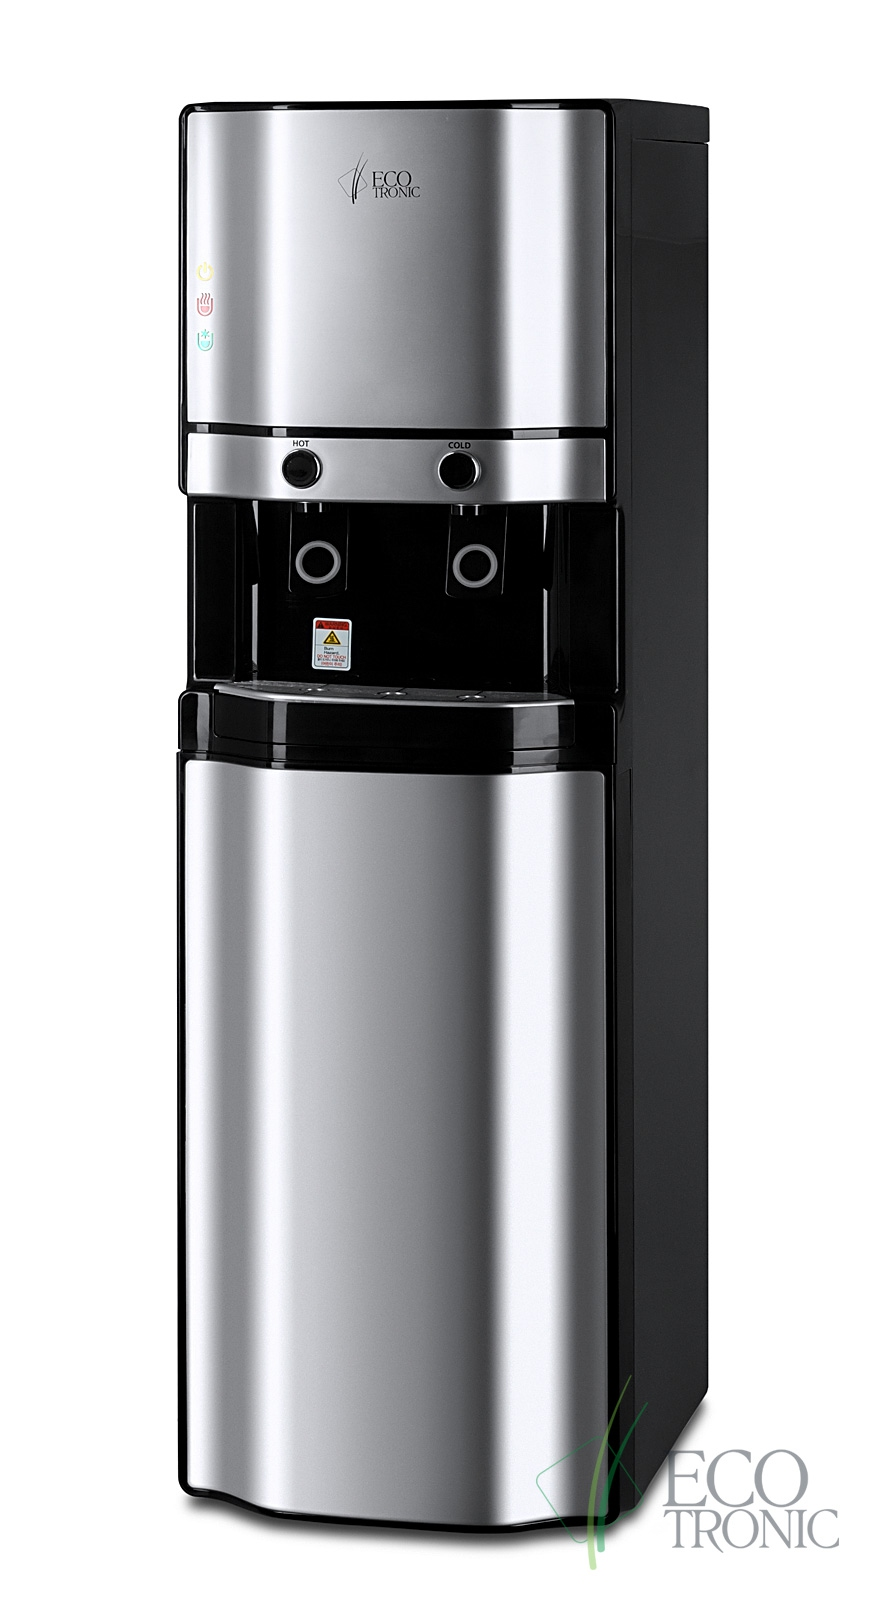 Пурифайер Ecotronic A30-U4L ExtraHot silver - 3